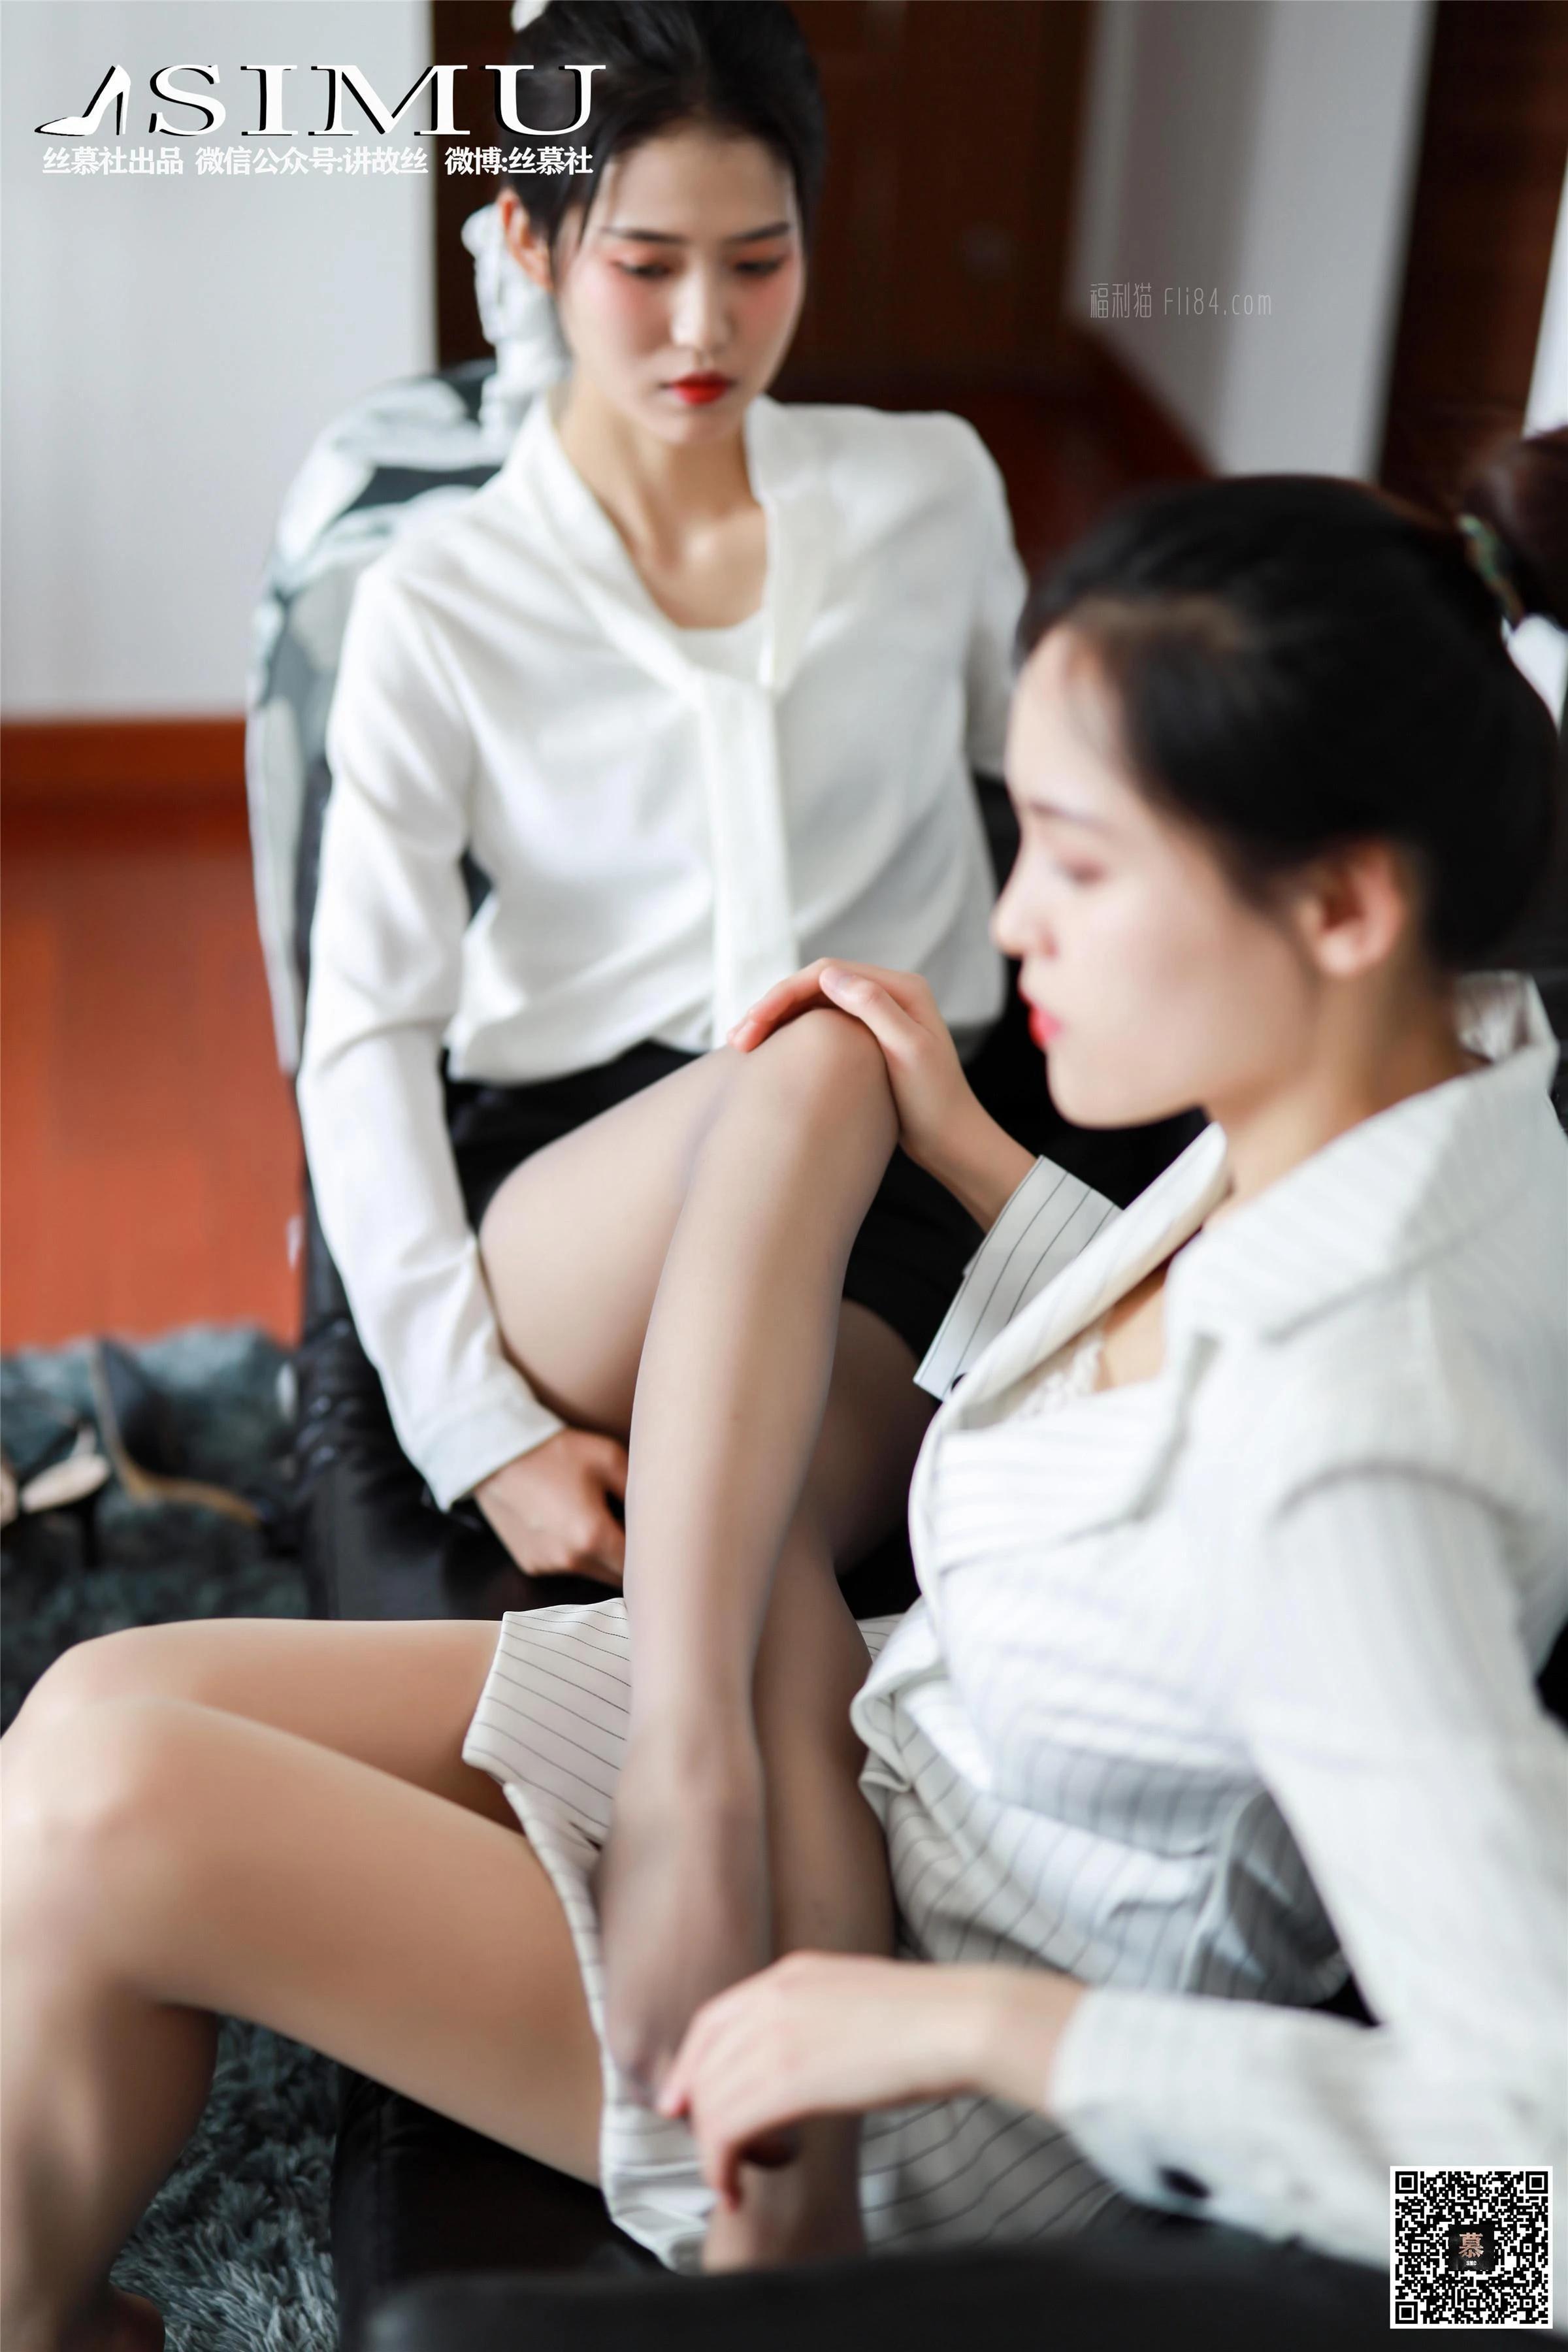 【丝慕写真系列】SM251《办公室里的两位秘书》[85P]